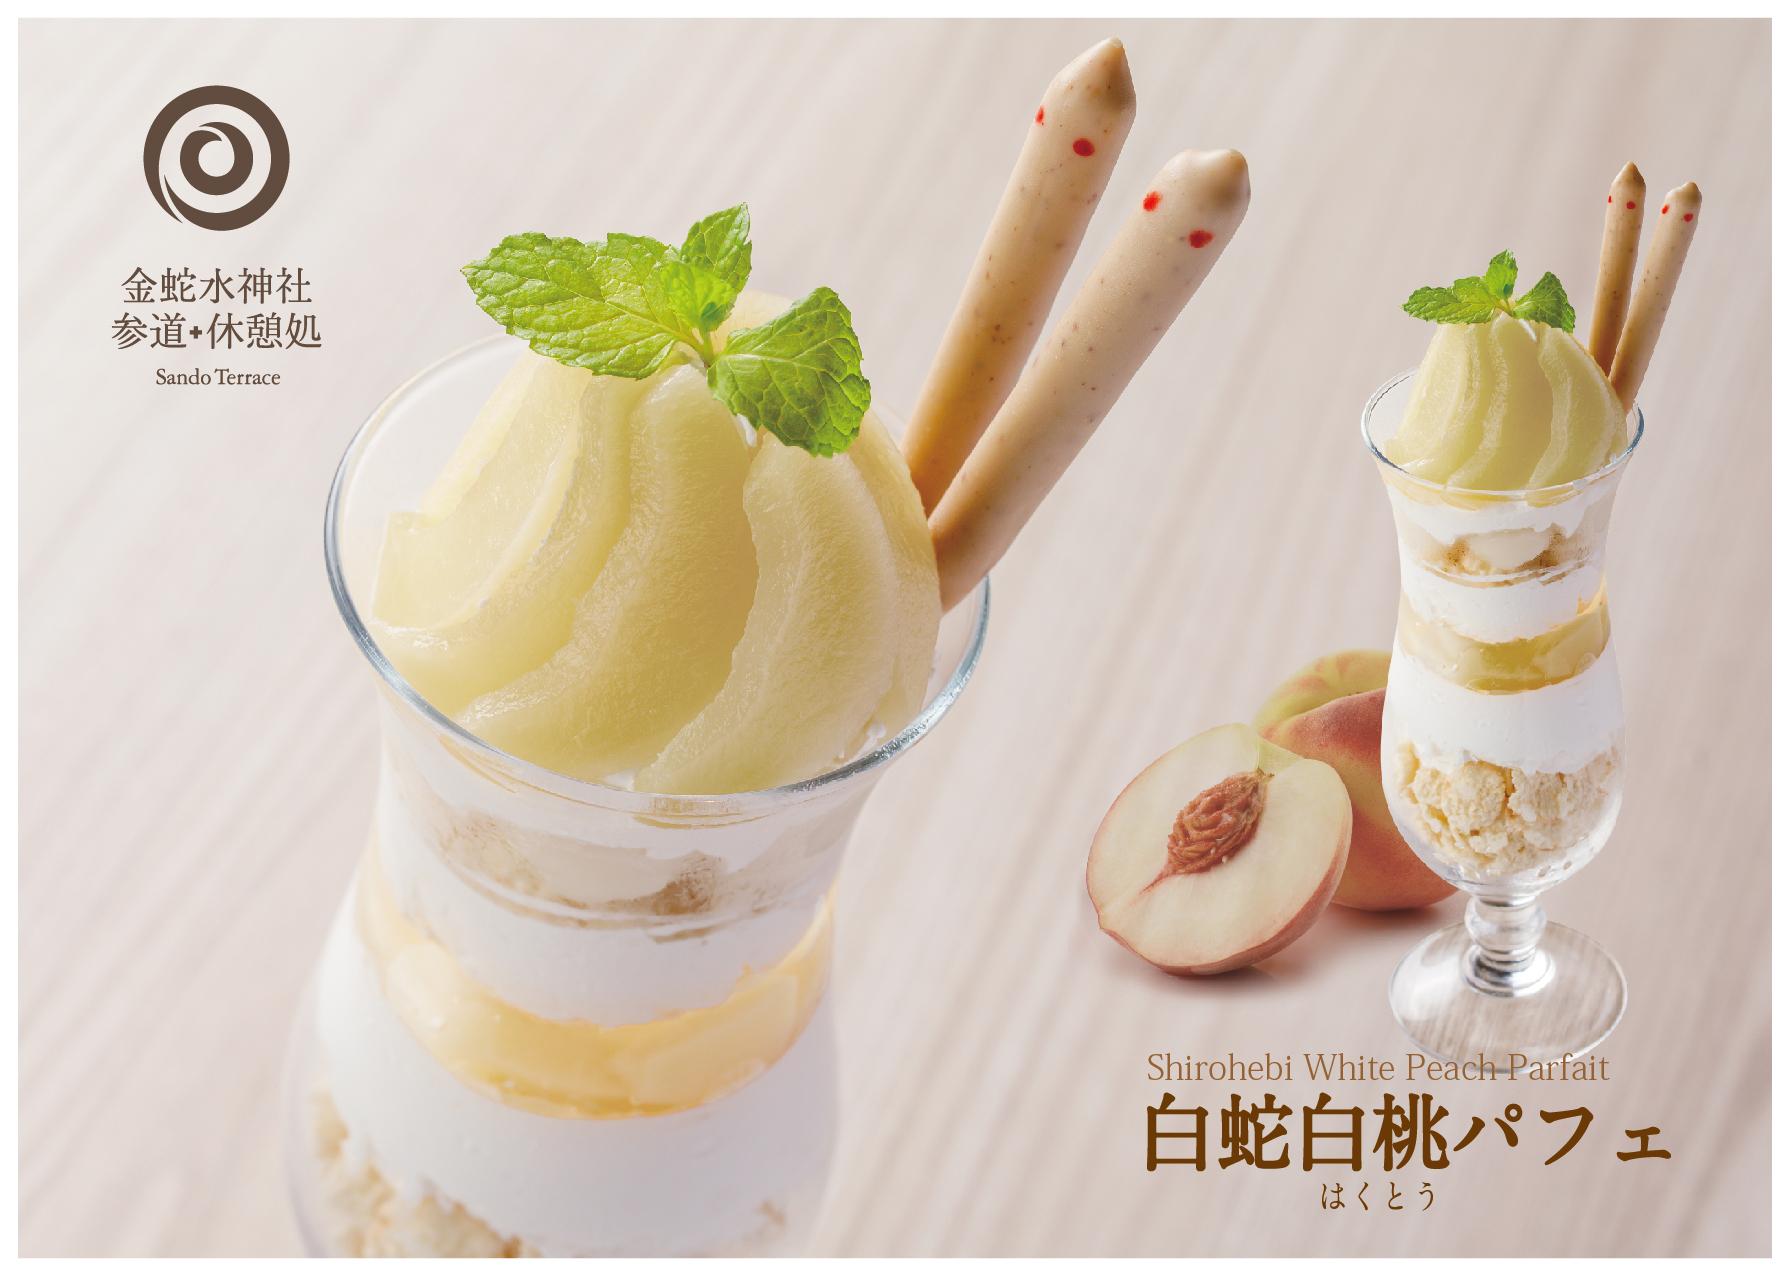 白蛇白桃パフェ Shirohebi White Peach Parfait